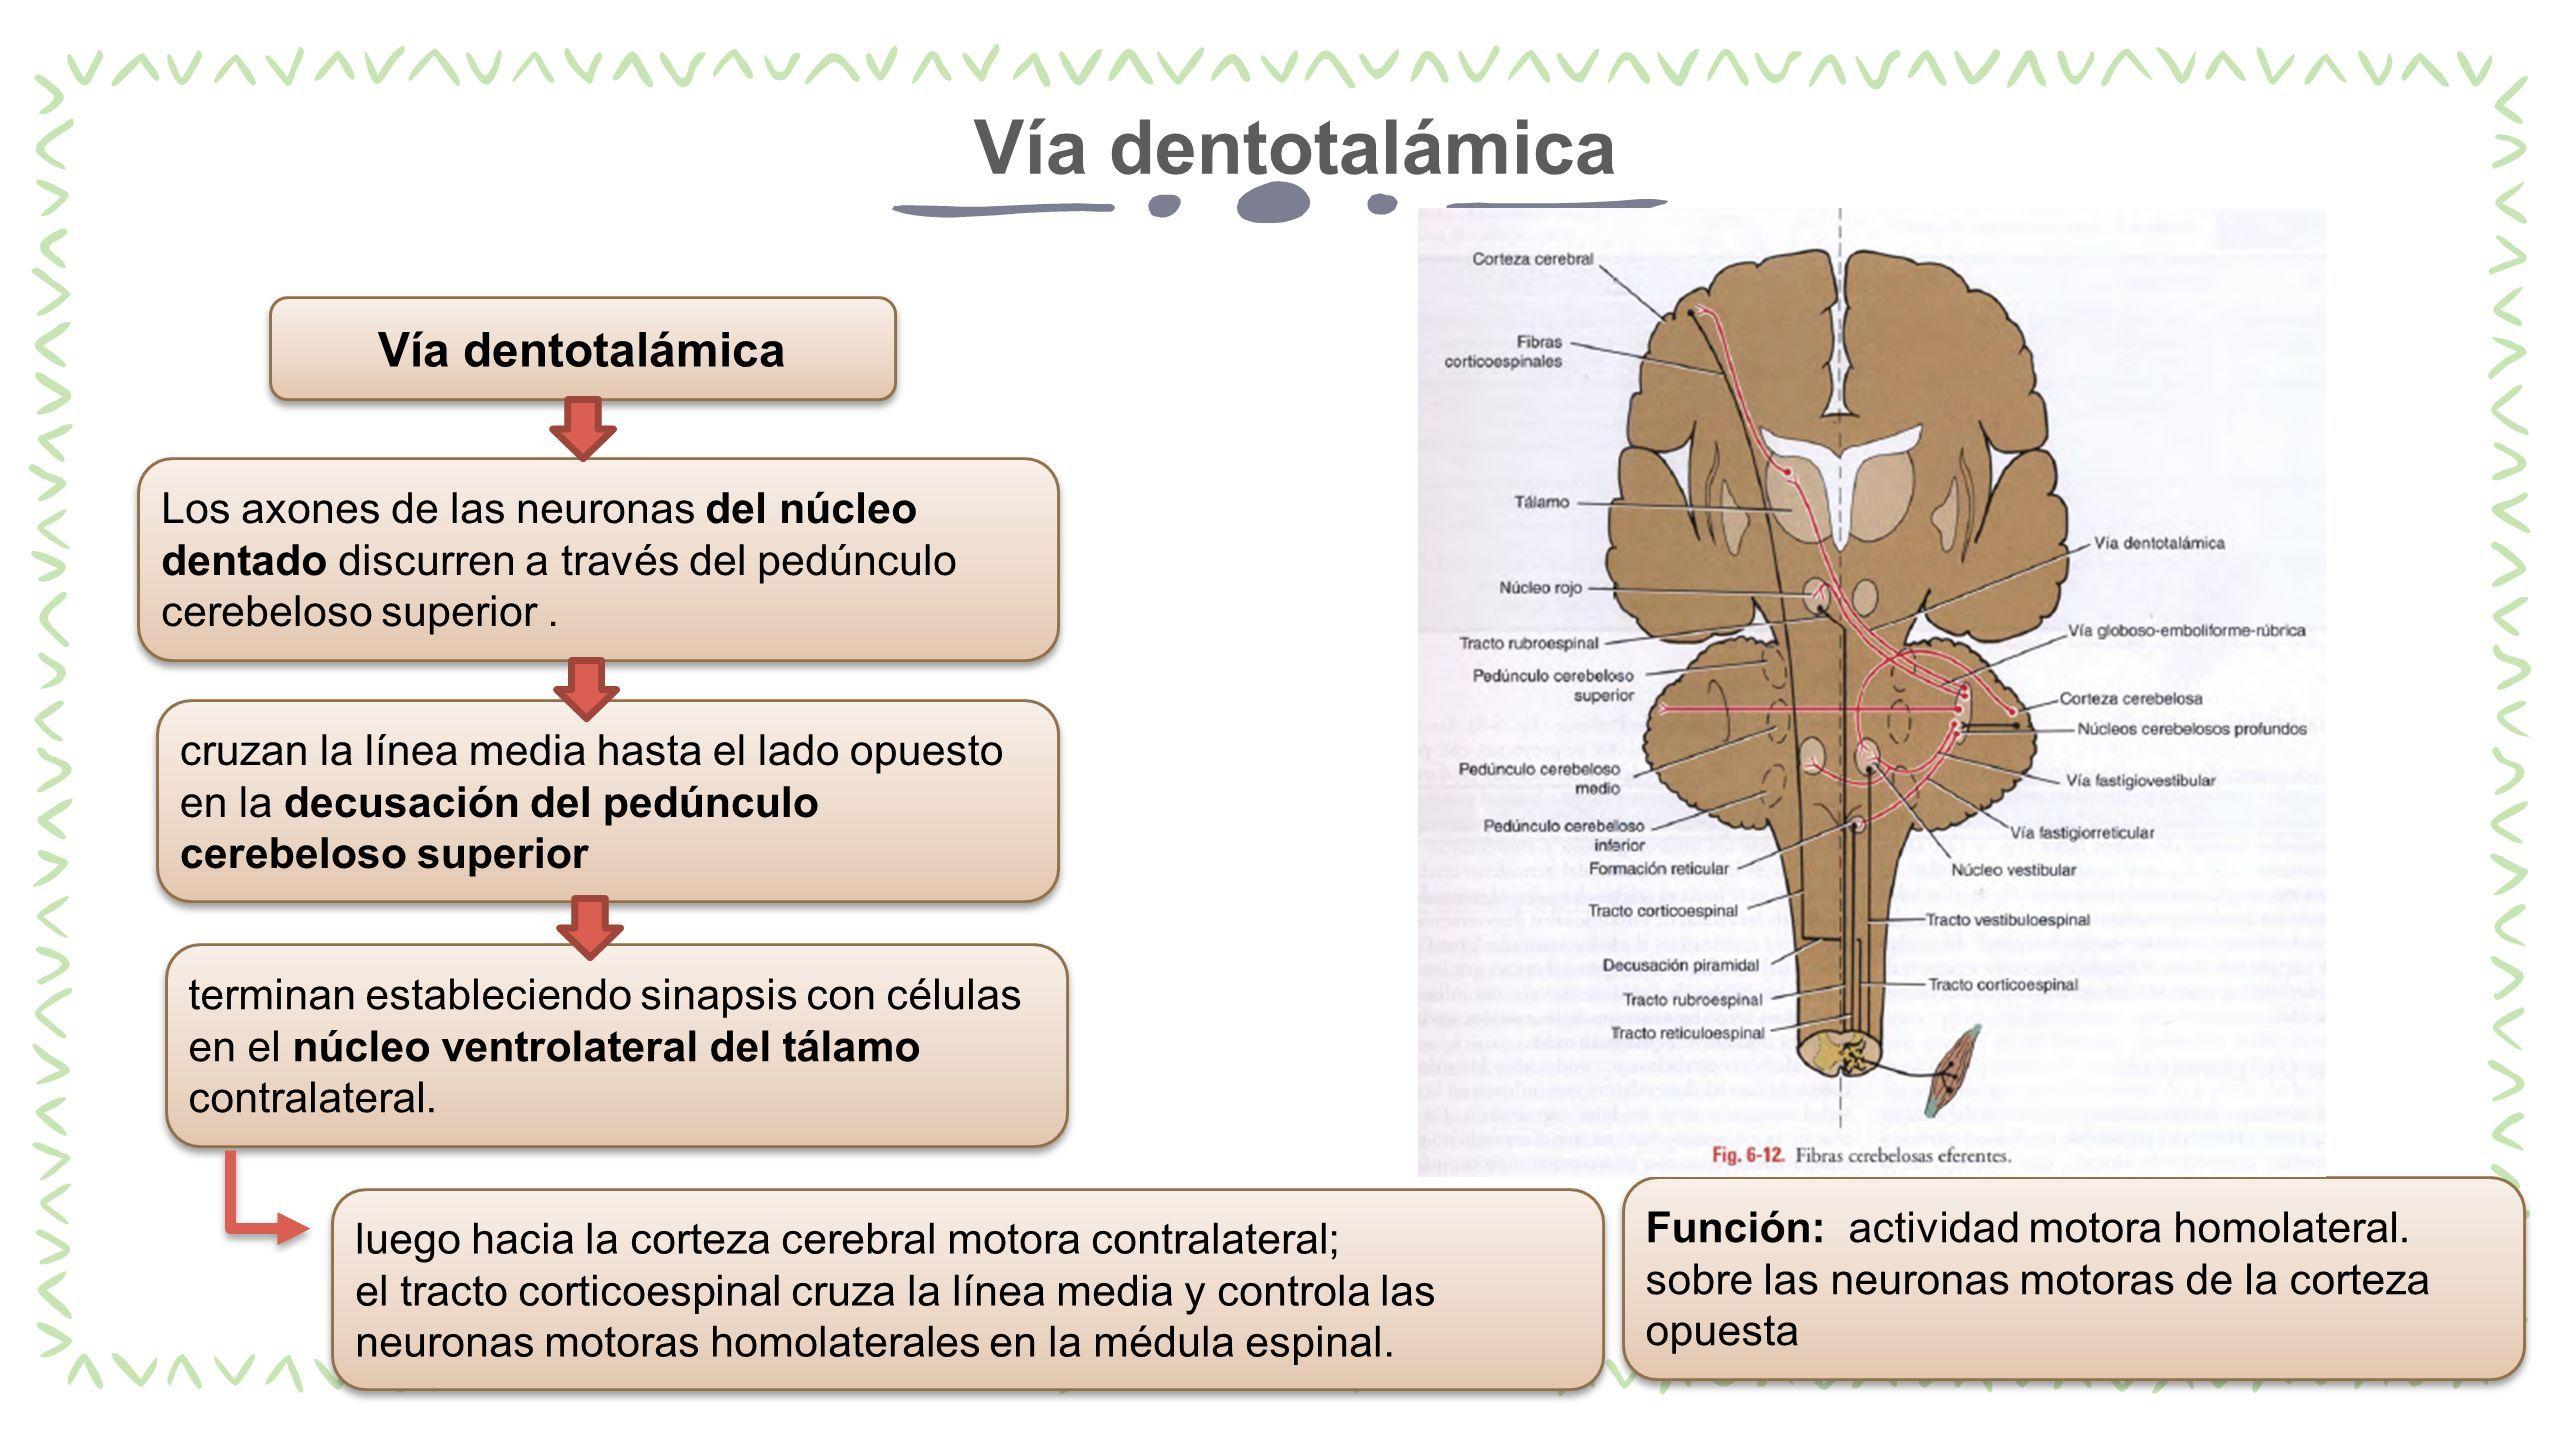 Cerebelo Embriologia, Anatomía, Histologia ✓ Juan Carlos Iribe ...